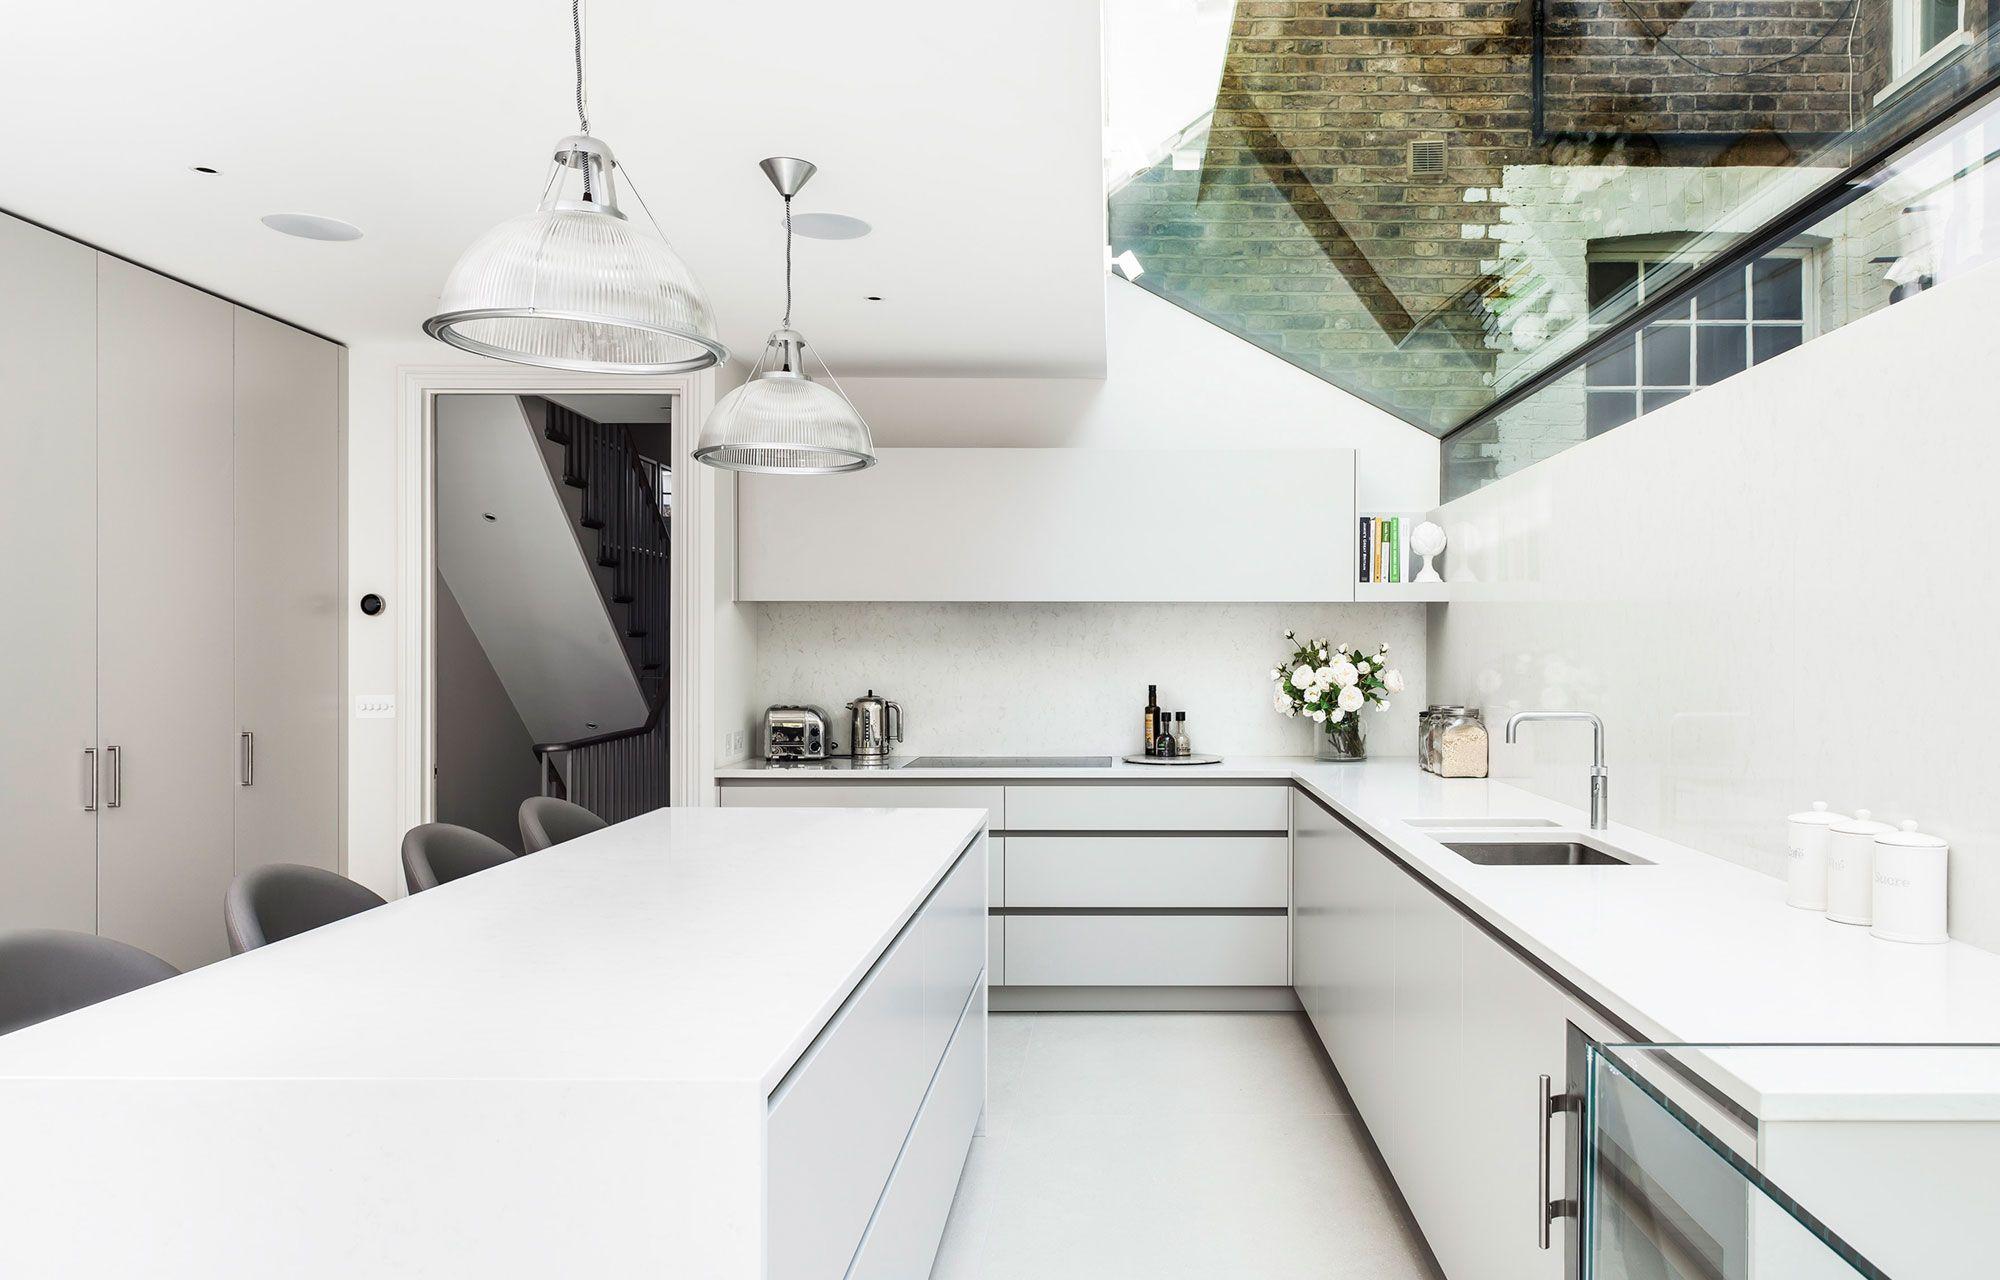 Charmant Hütte Küche Insel Beleuchtung Bilder - Ideen Für Die Küche ...